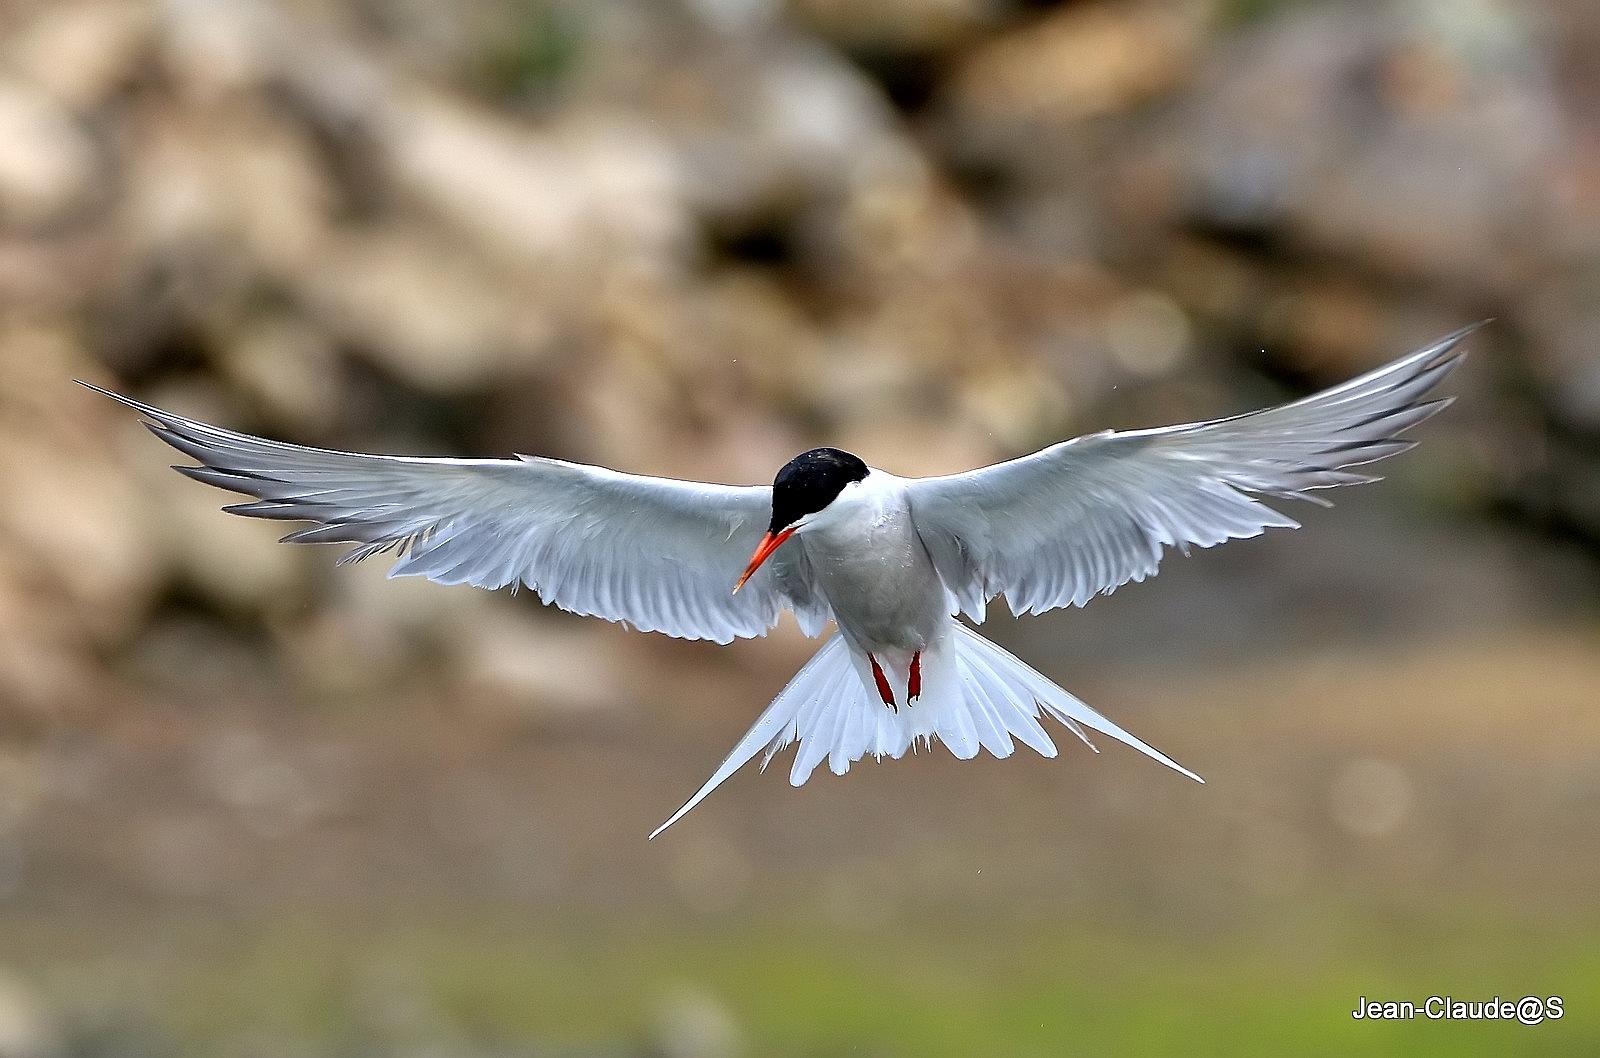 Les oiseaux de la Ria d'Etel - Page 5 Img_0056_filtered-54a6941